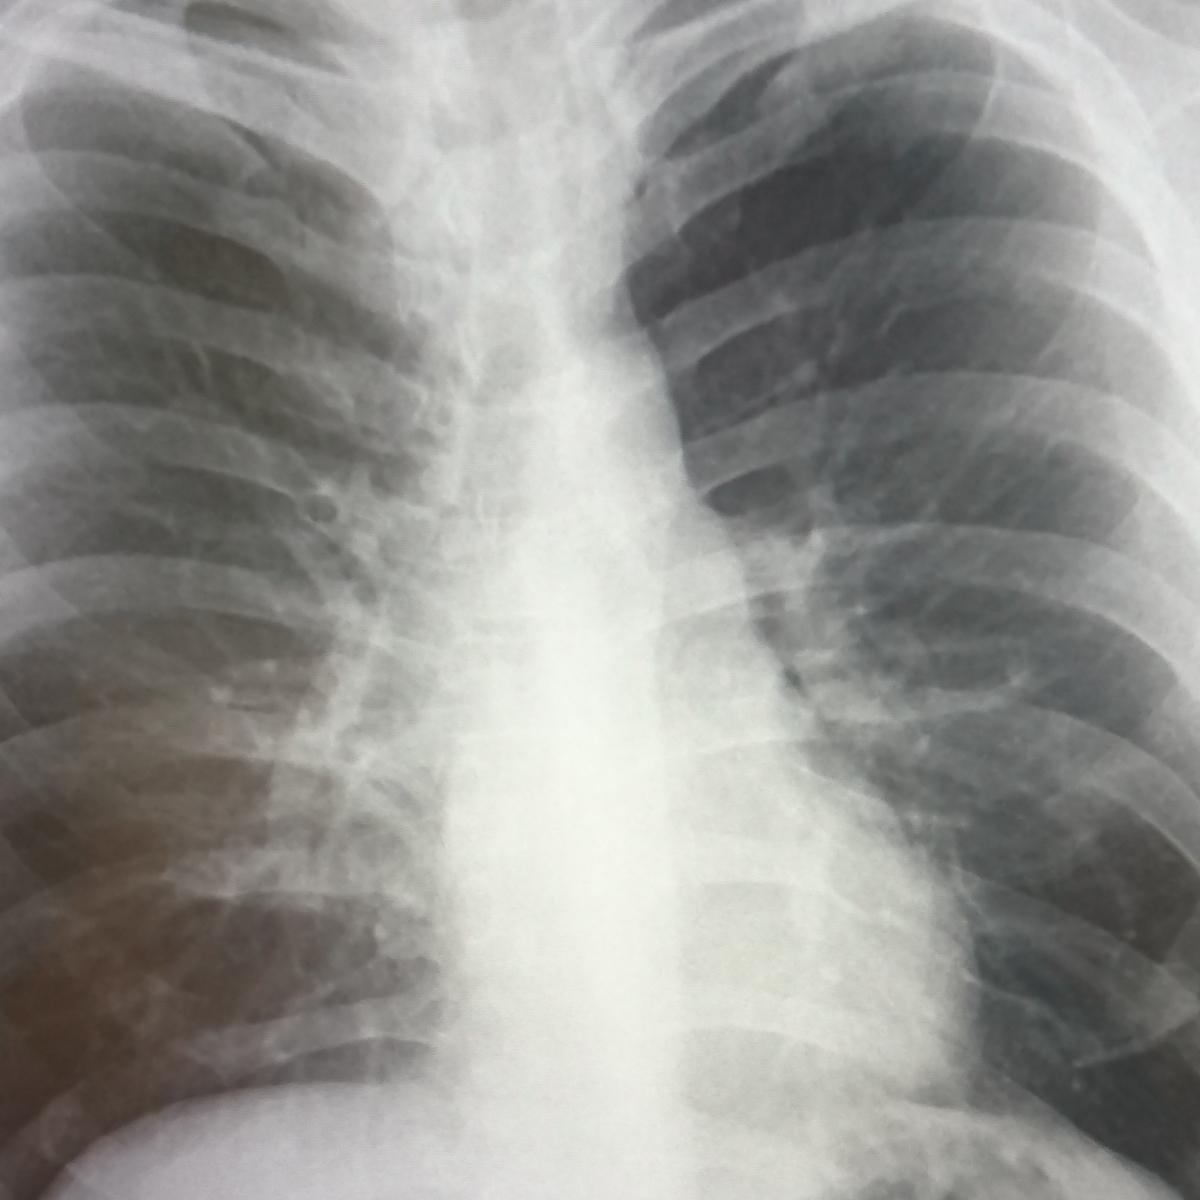 息が止まって気管支がみえる胸部一般撮影写真